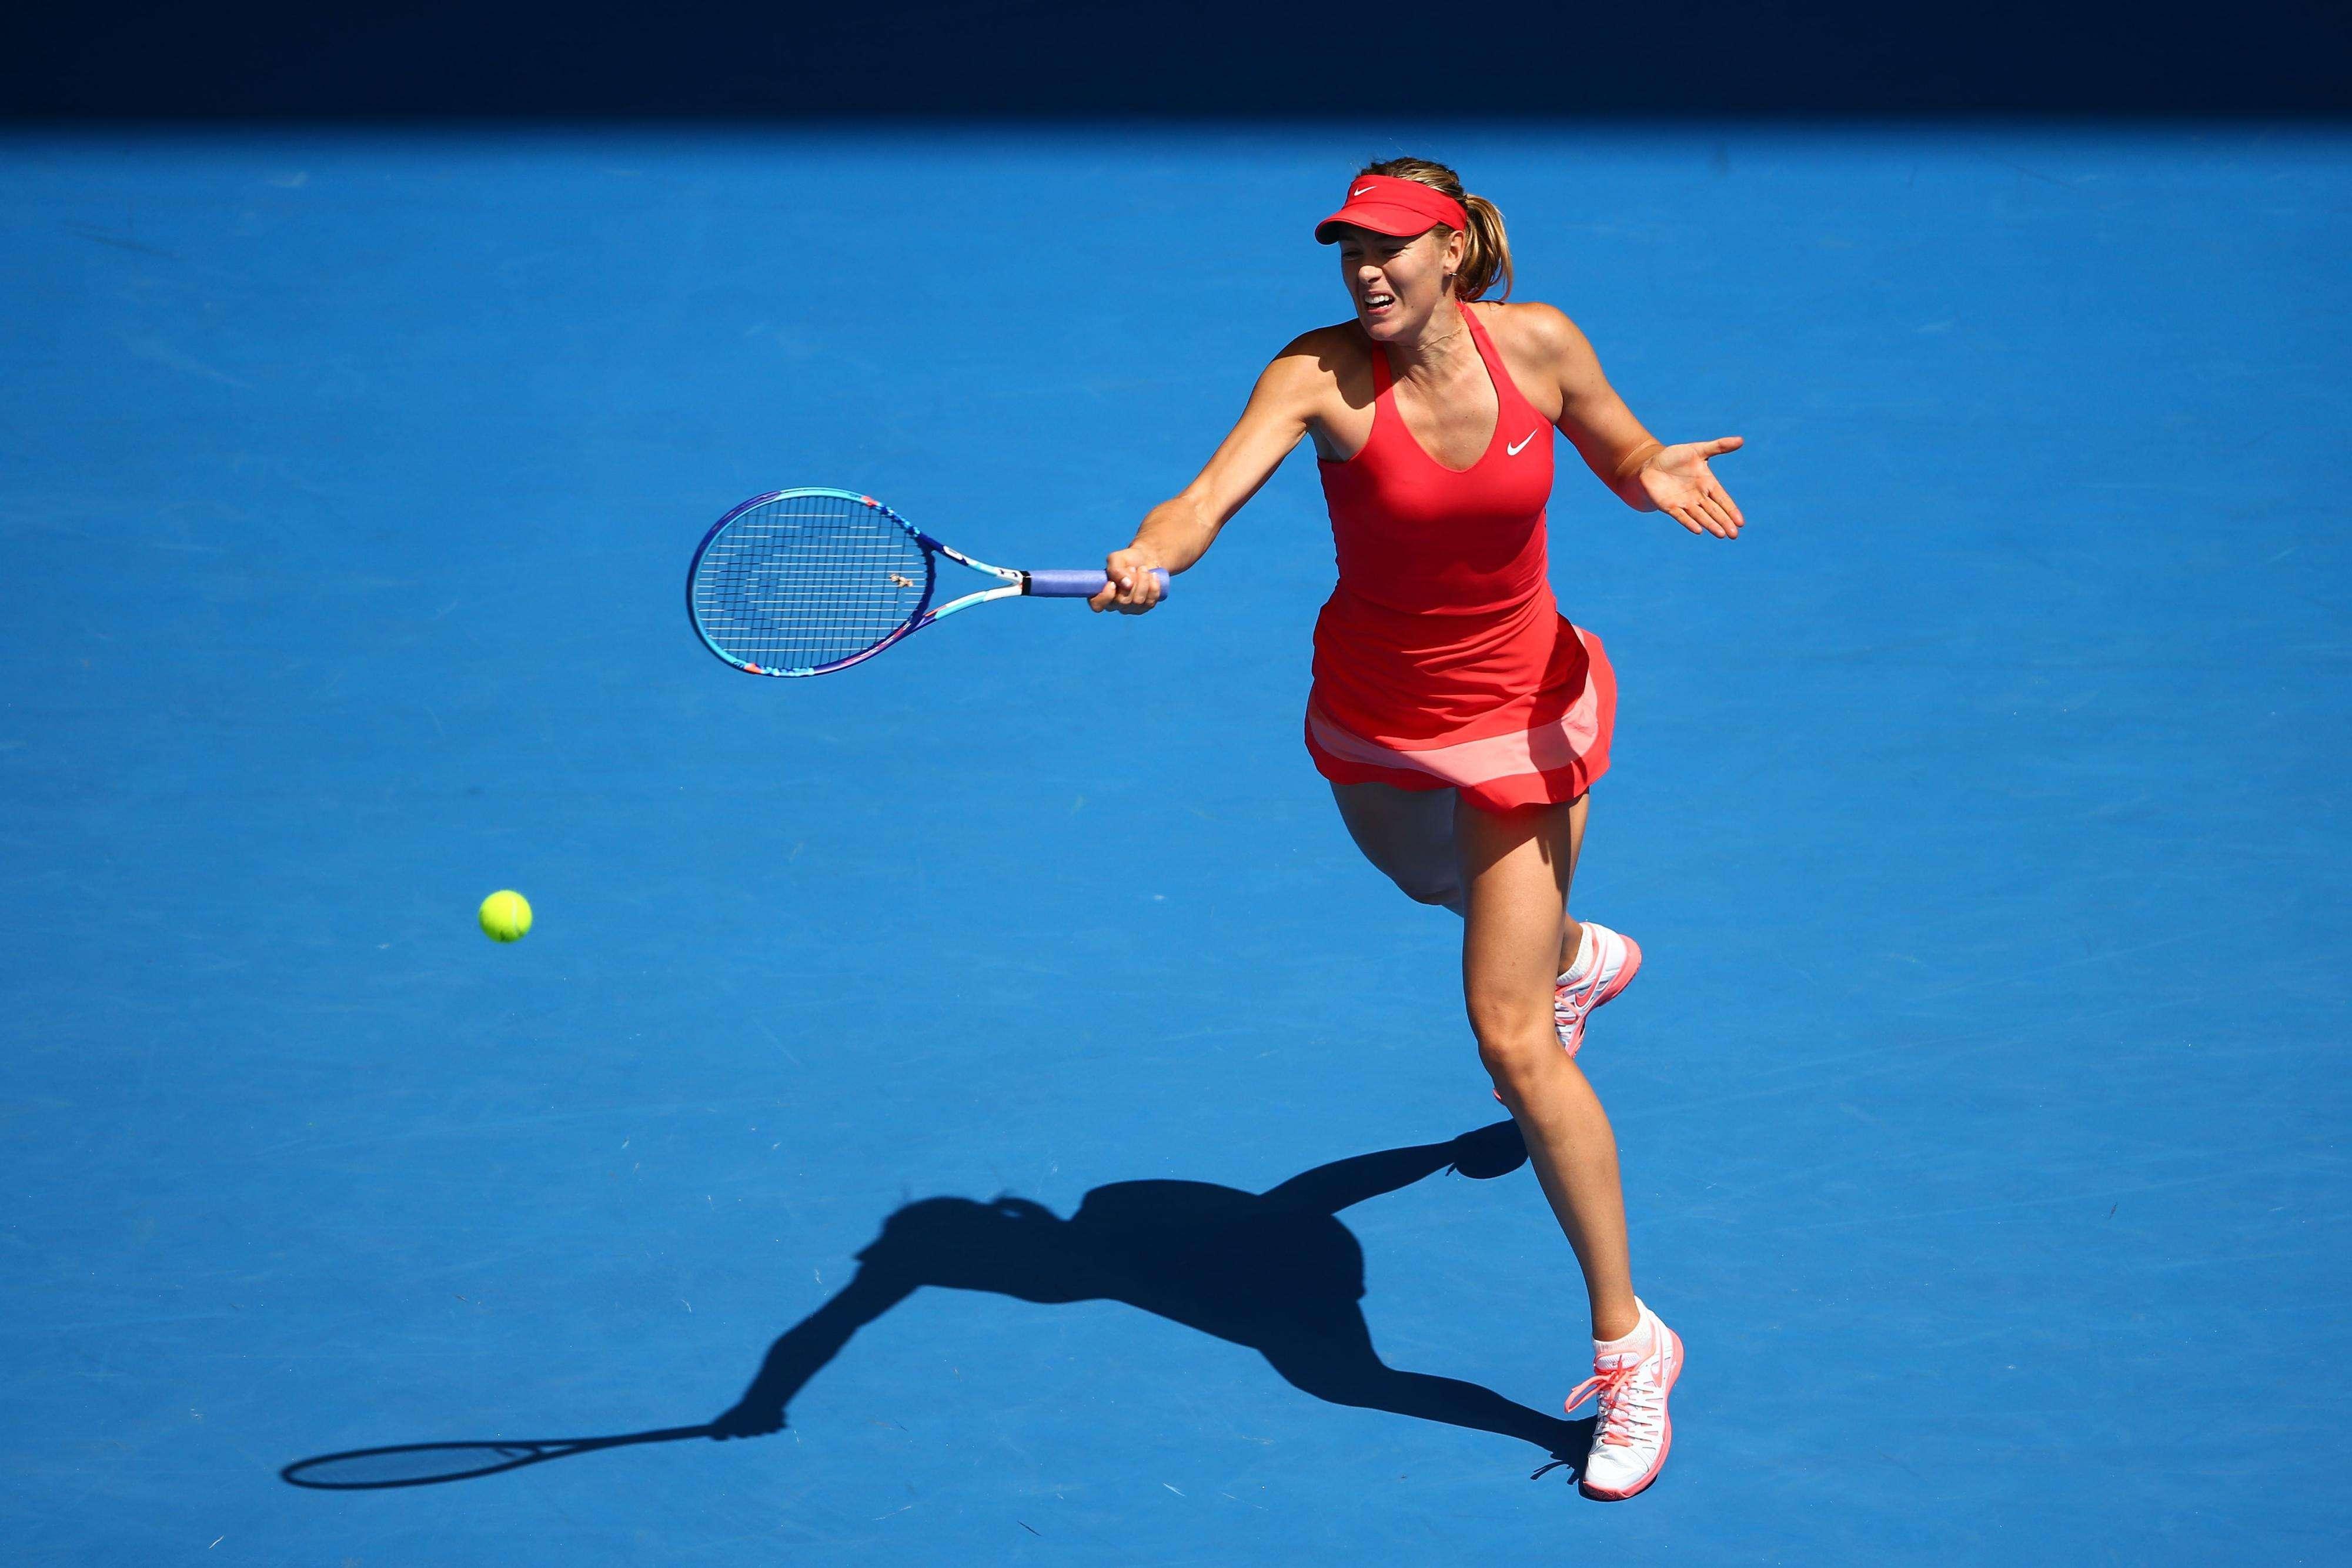 Sharapova sufrió pero puso superar la resistencia que le opuso Peng. Foto: Getty Images